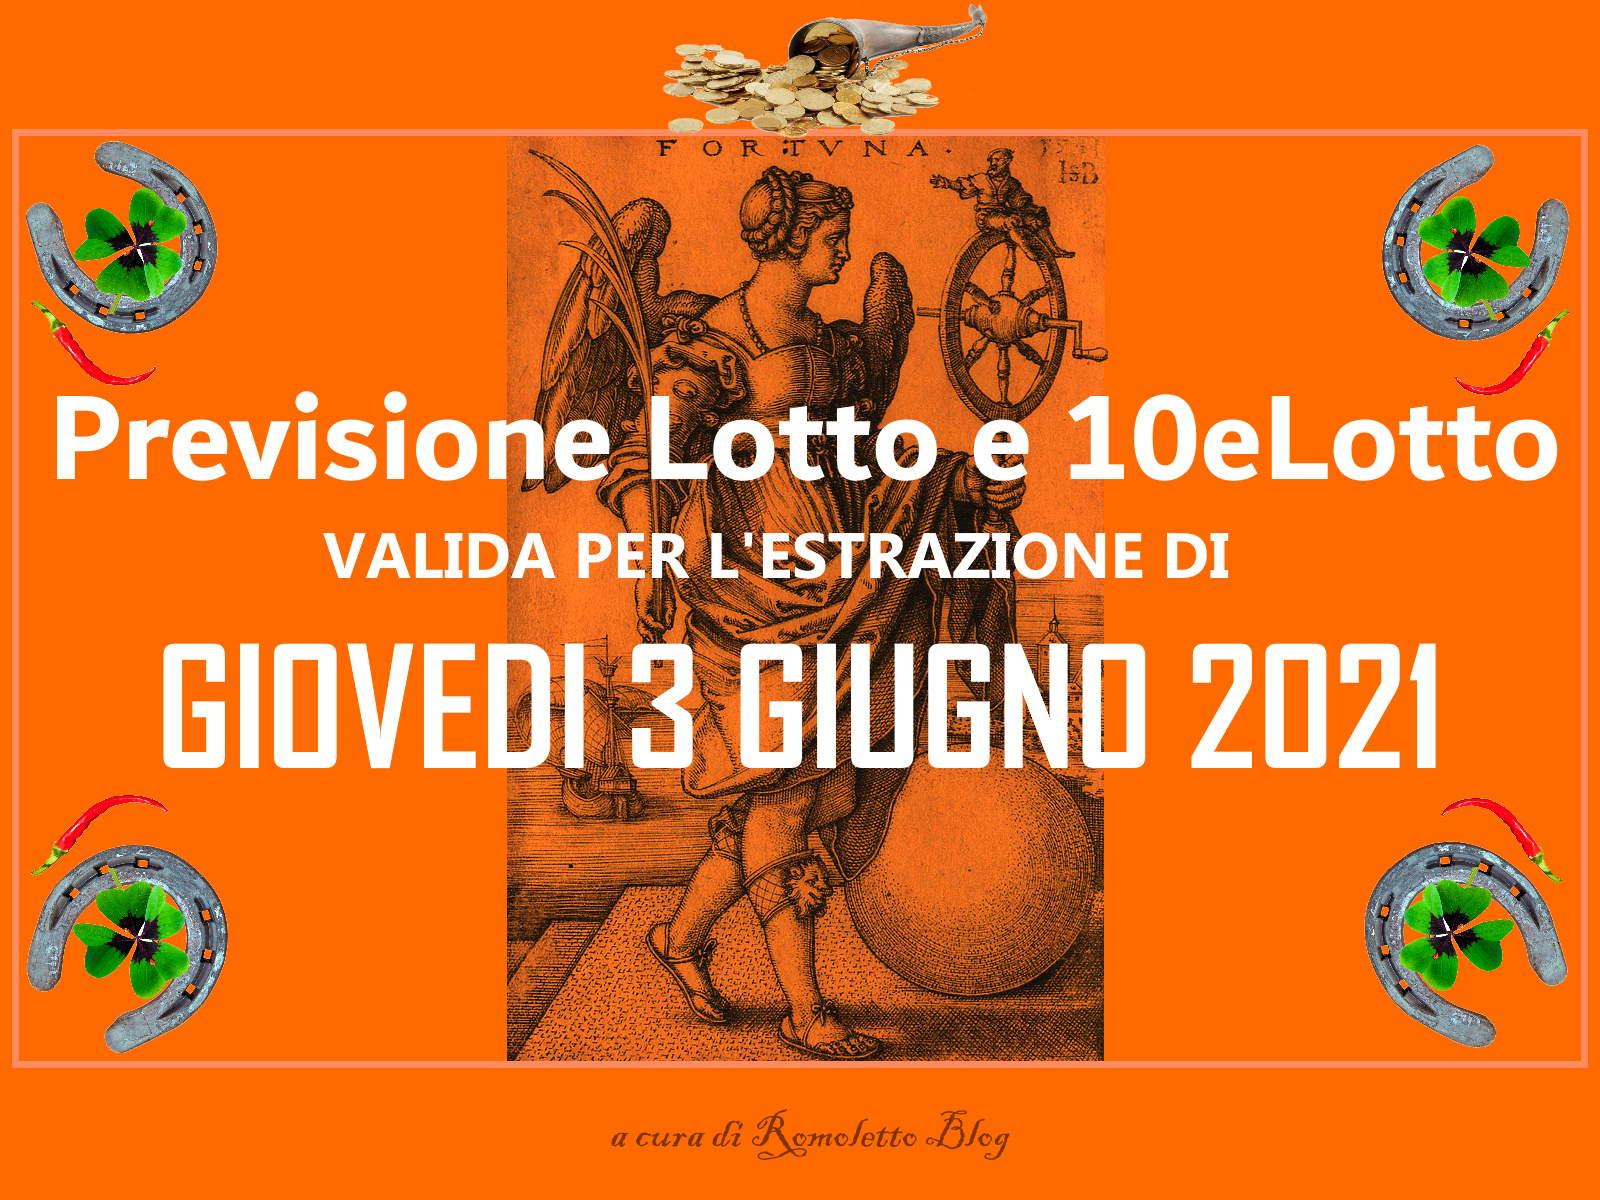 Previsione Lotto 3 Giugno 2021